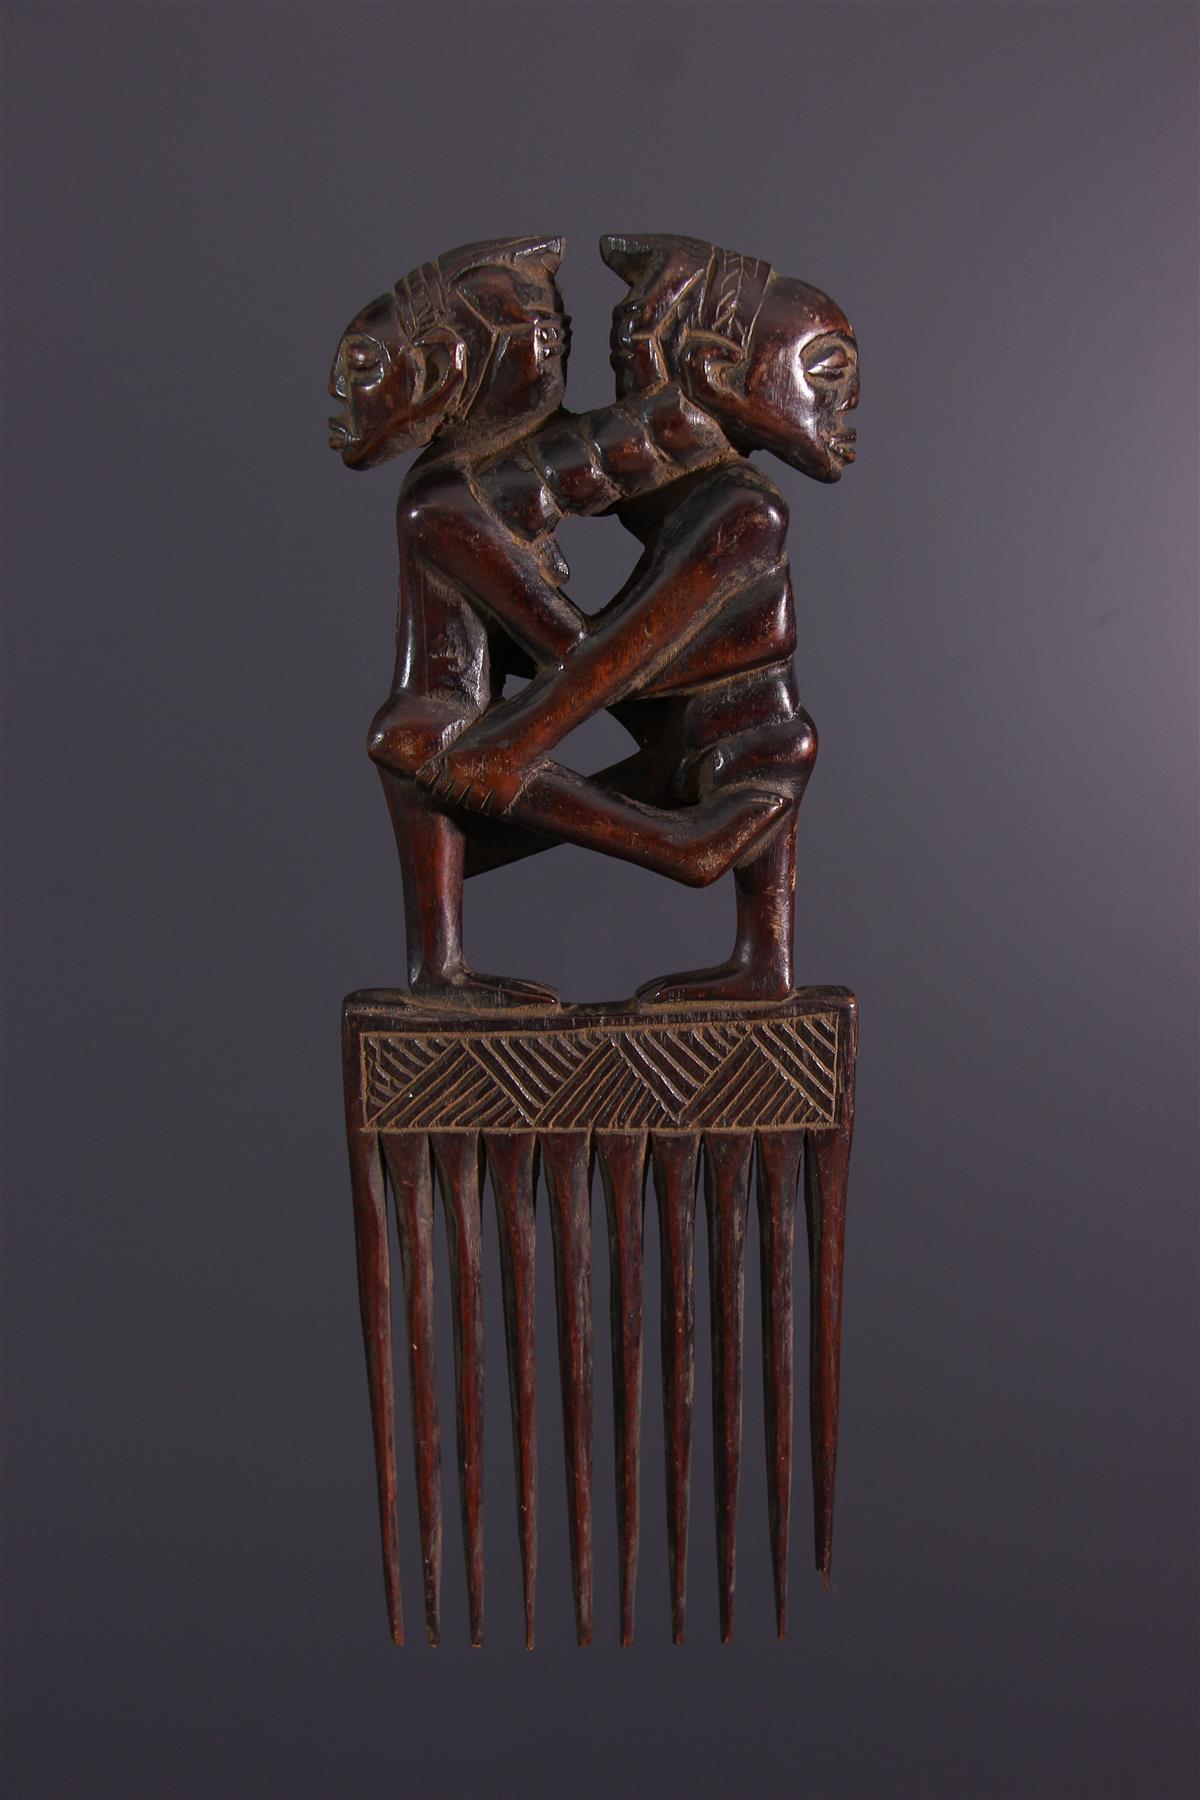 Luba kam - Afrikaanse kunst